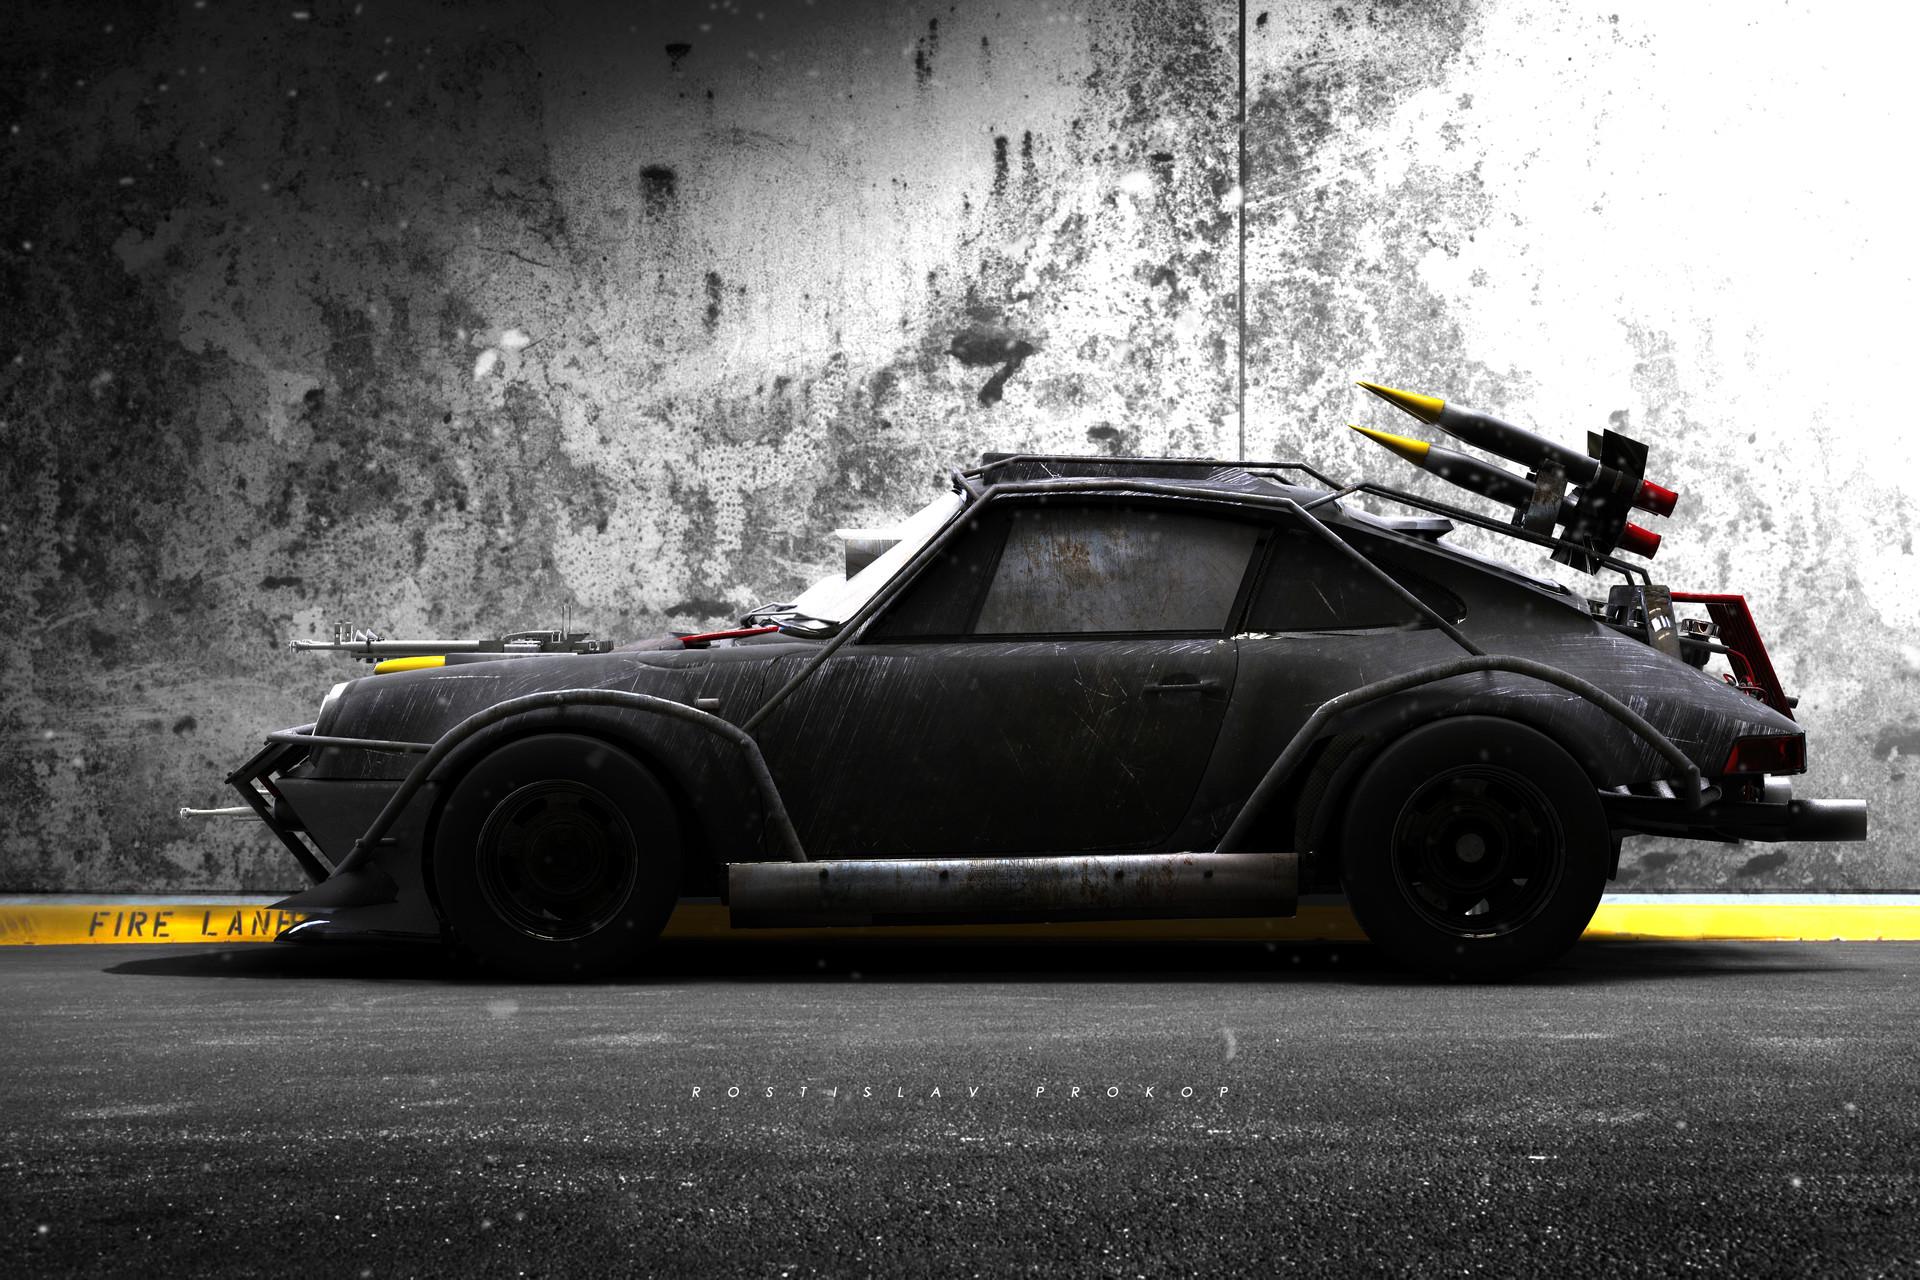 Rostislav Prokop 1982 Porsche 911 Death Race